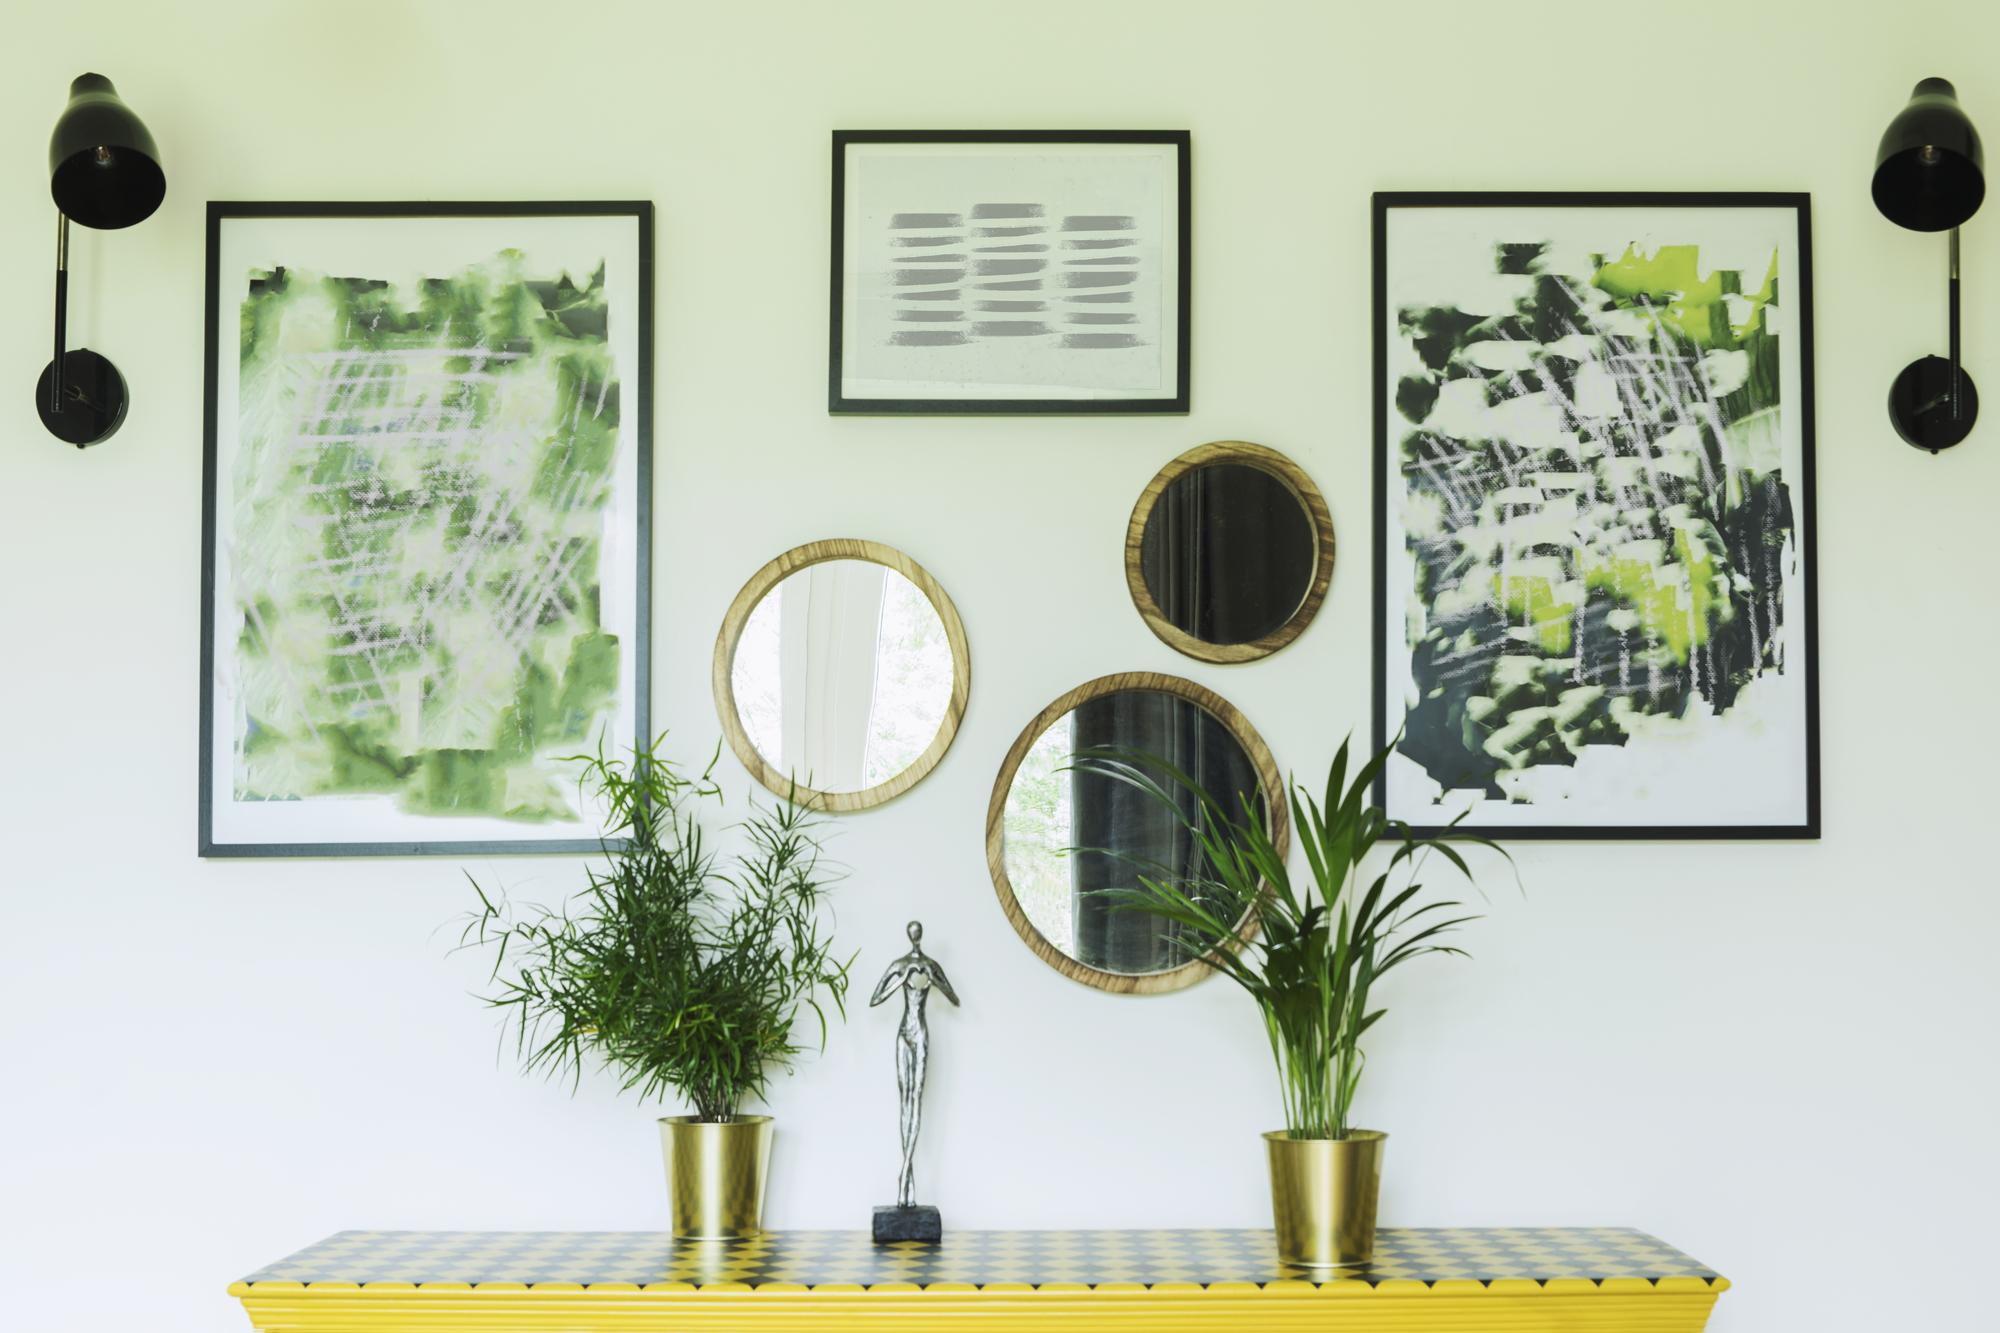 Espejos en pared de salón estrecho y alargado